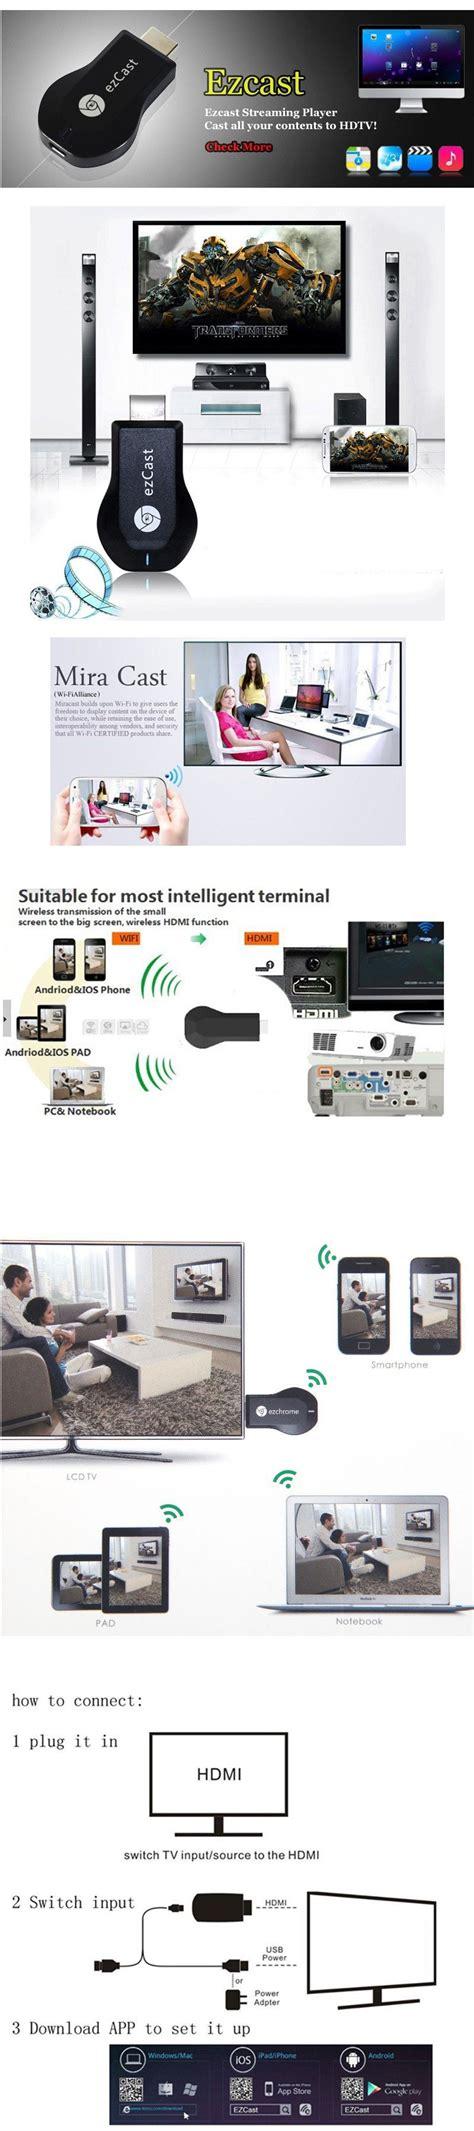 Memasang Wifi Media ezcast m2 wifi jadikan tv led atau infokus anda agar supaya menjadi smart tv atau smart media